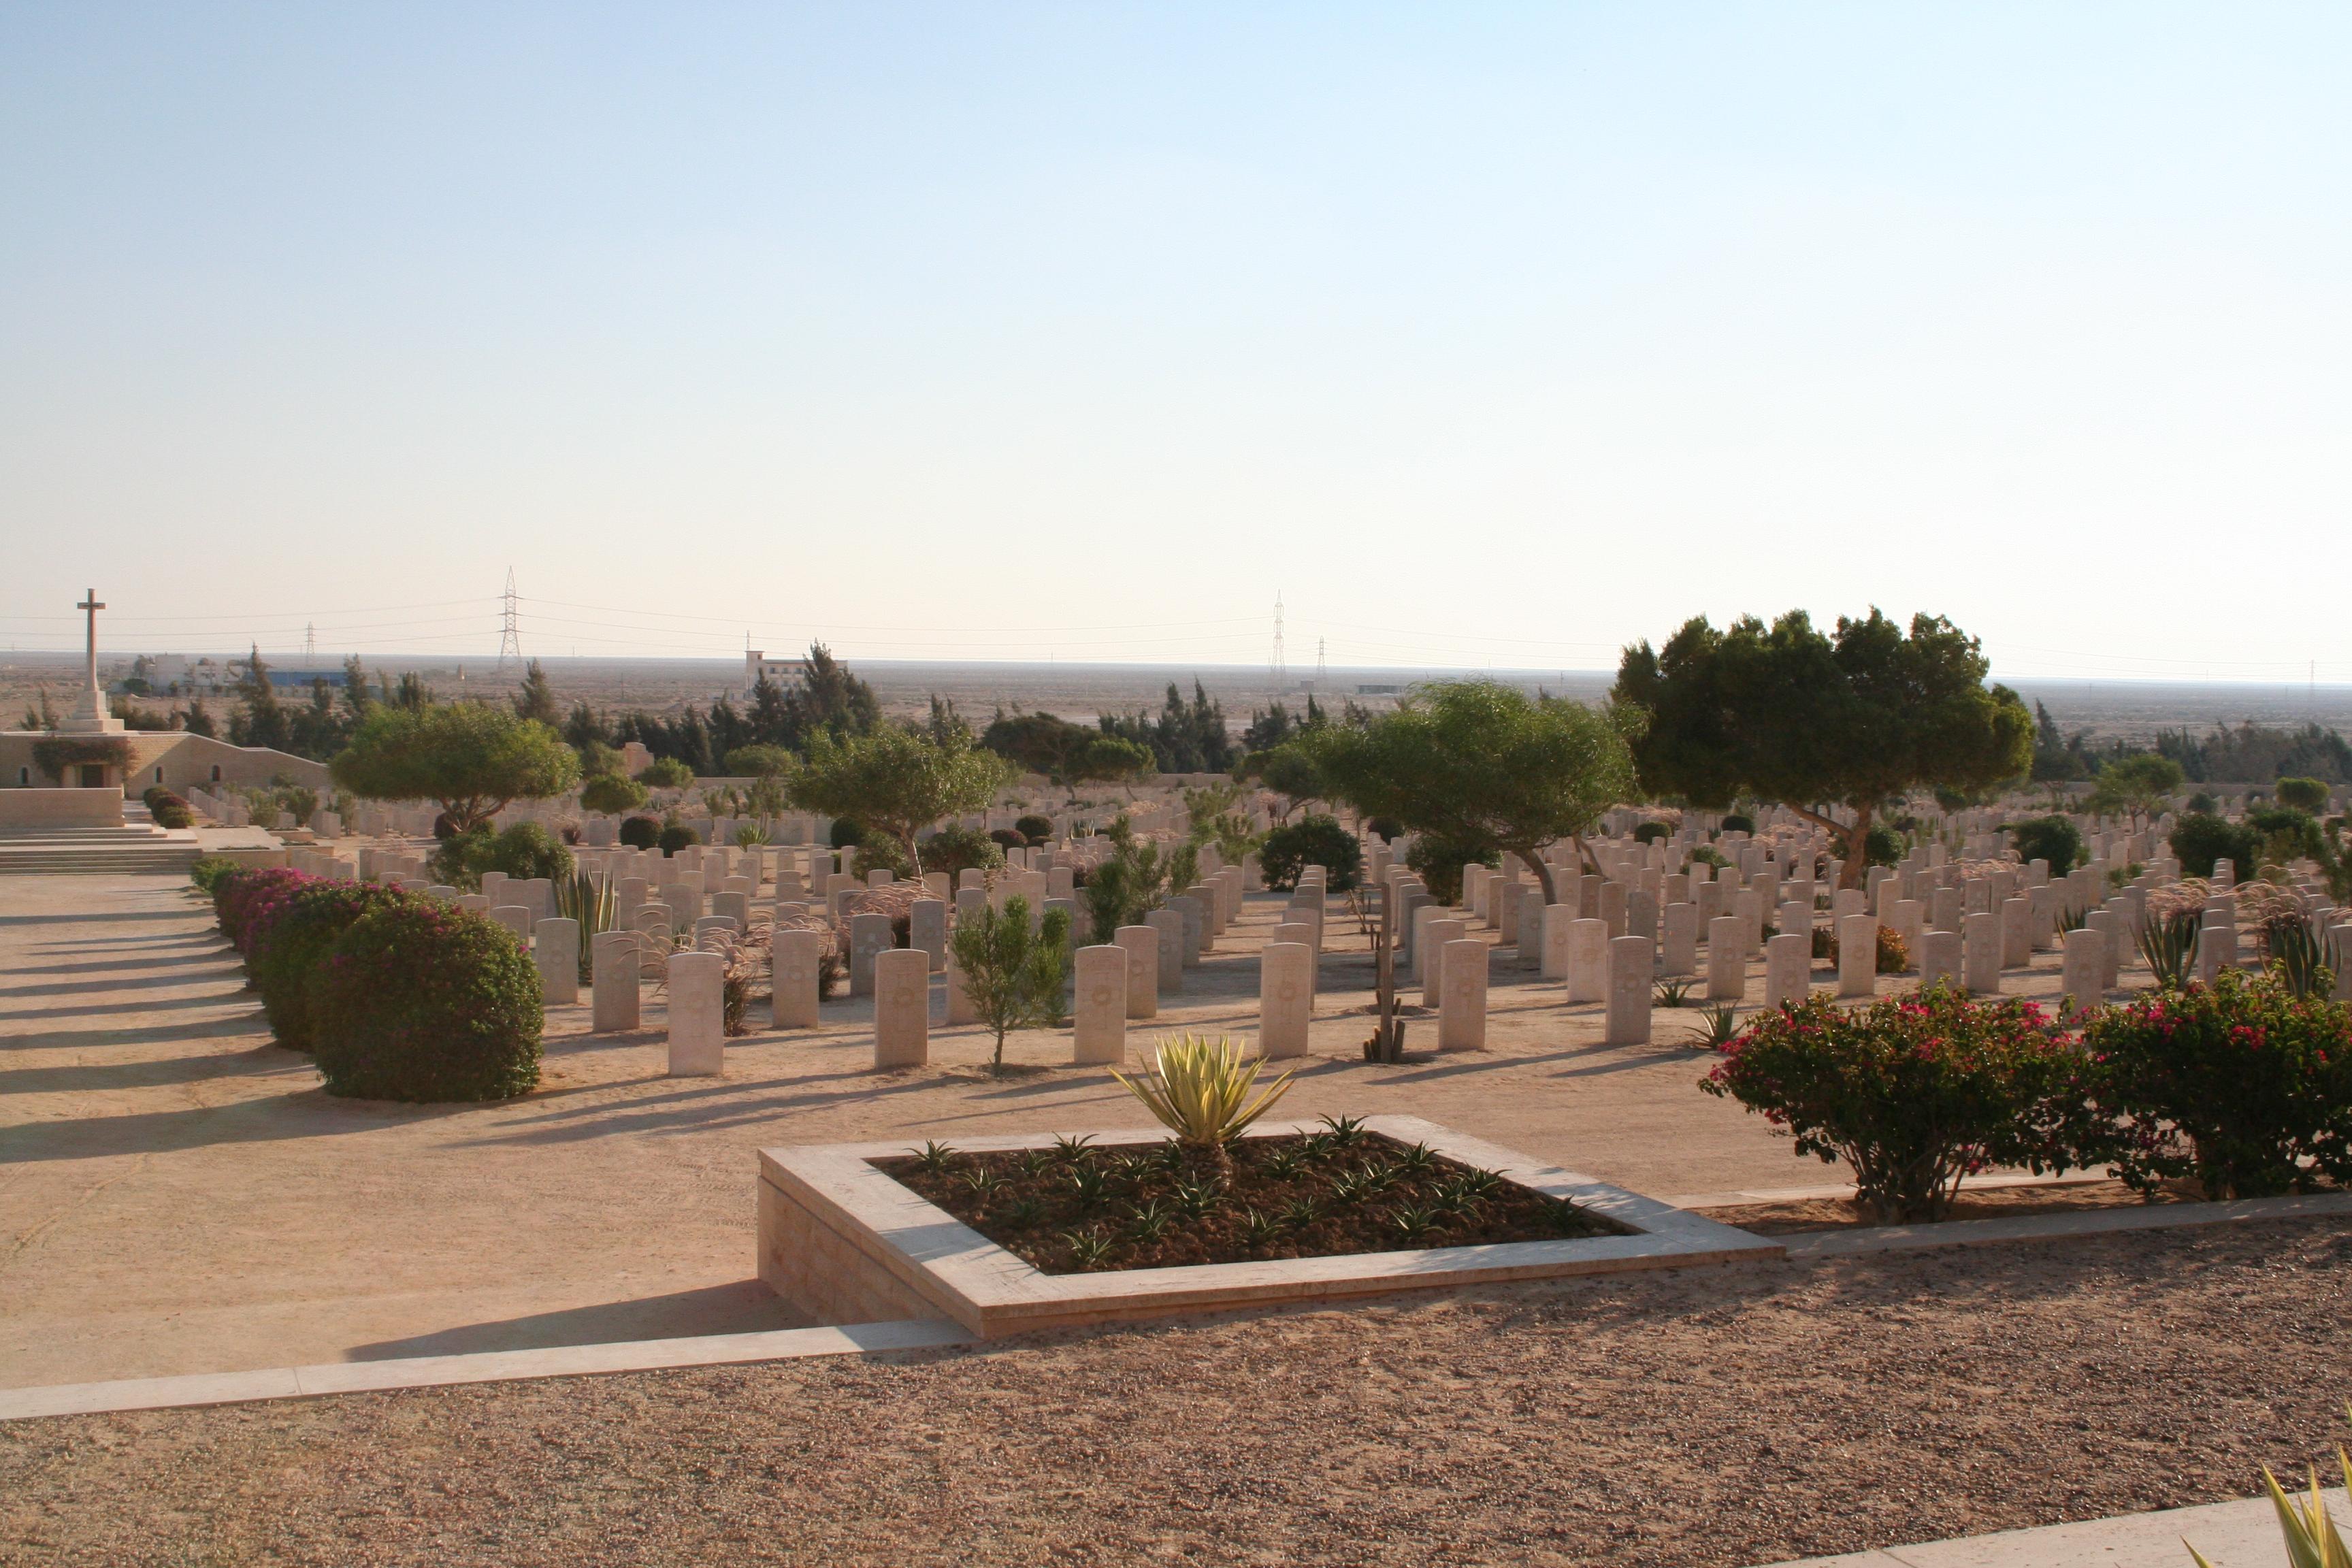 Cimitirele de la El Alamein11